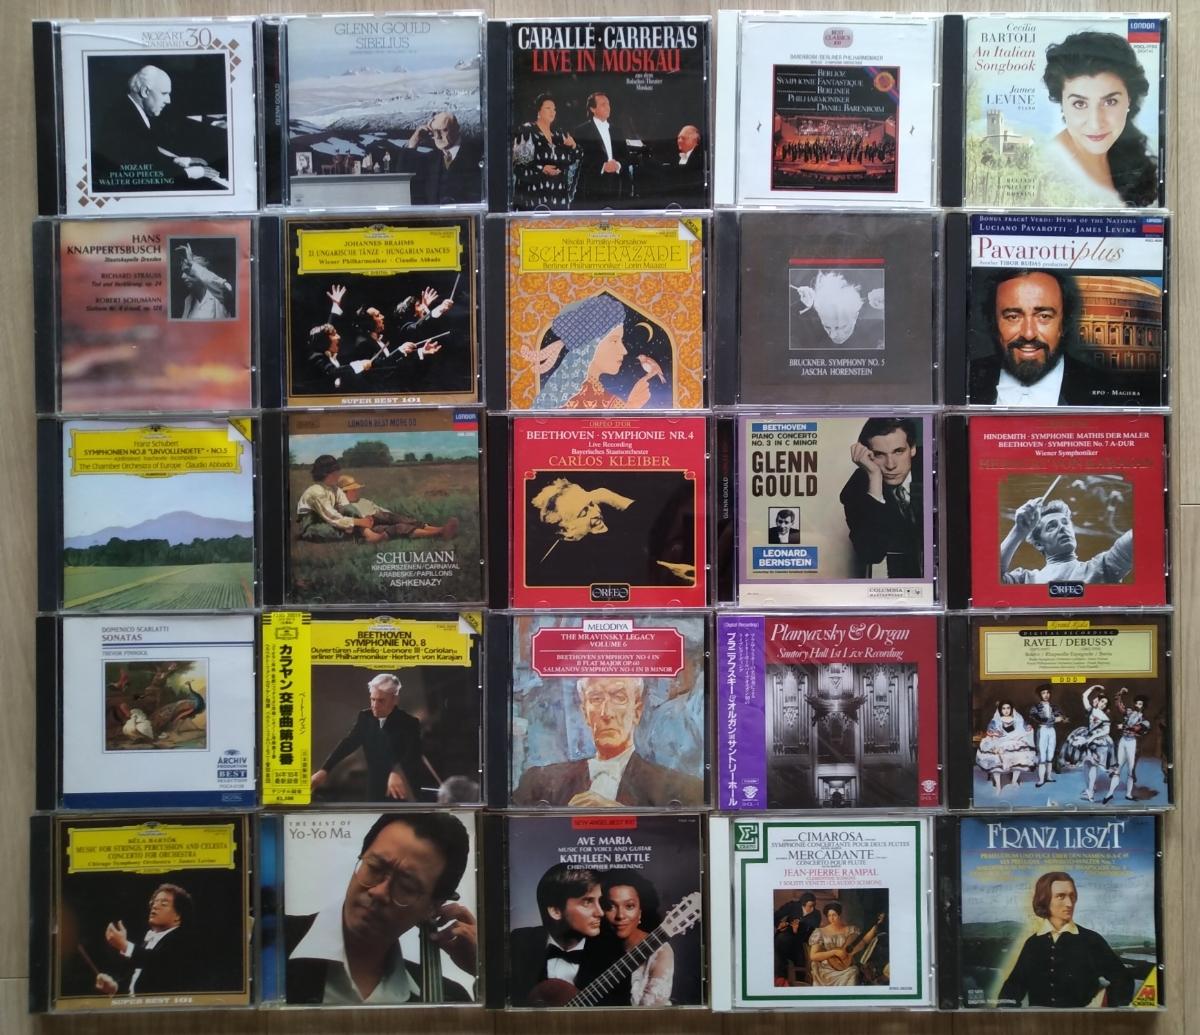 ★★大量!★★ クラシックCD 600枚セット! ★西独盤、初期盤、希少盤 旧規格盤等 色々まとめて~ _画像3